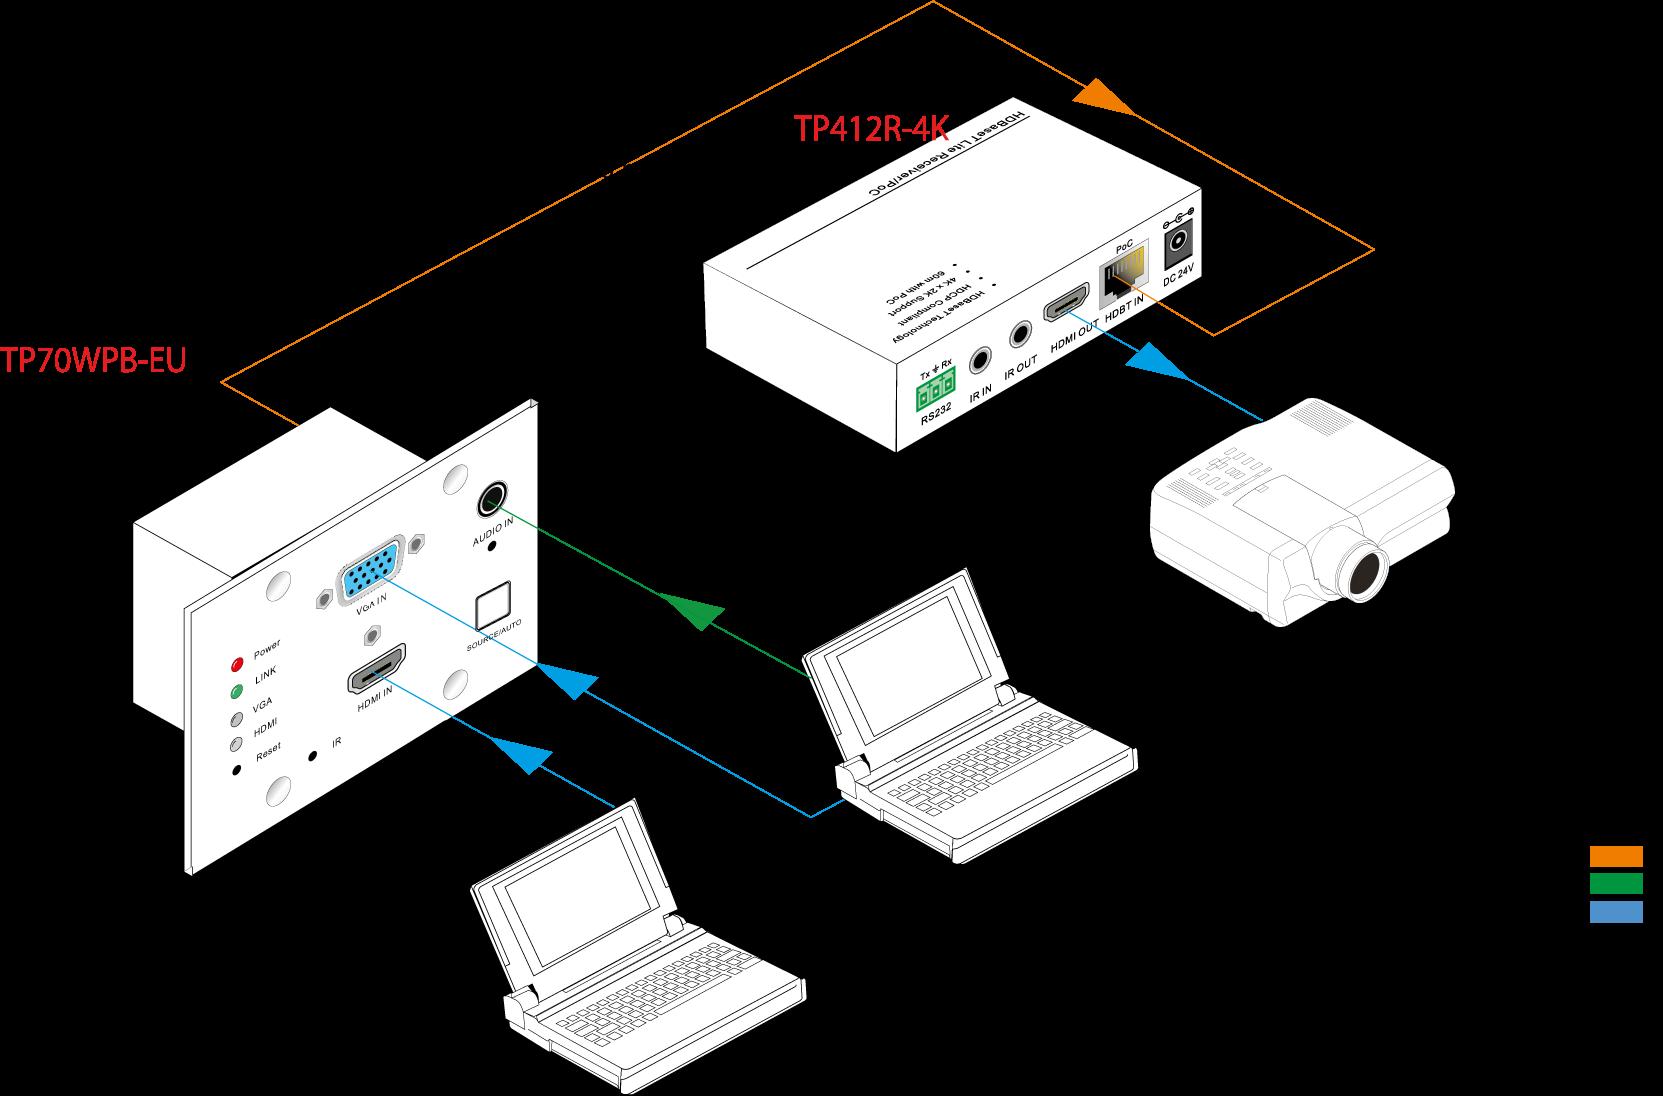 TP70WPB-EU